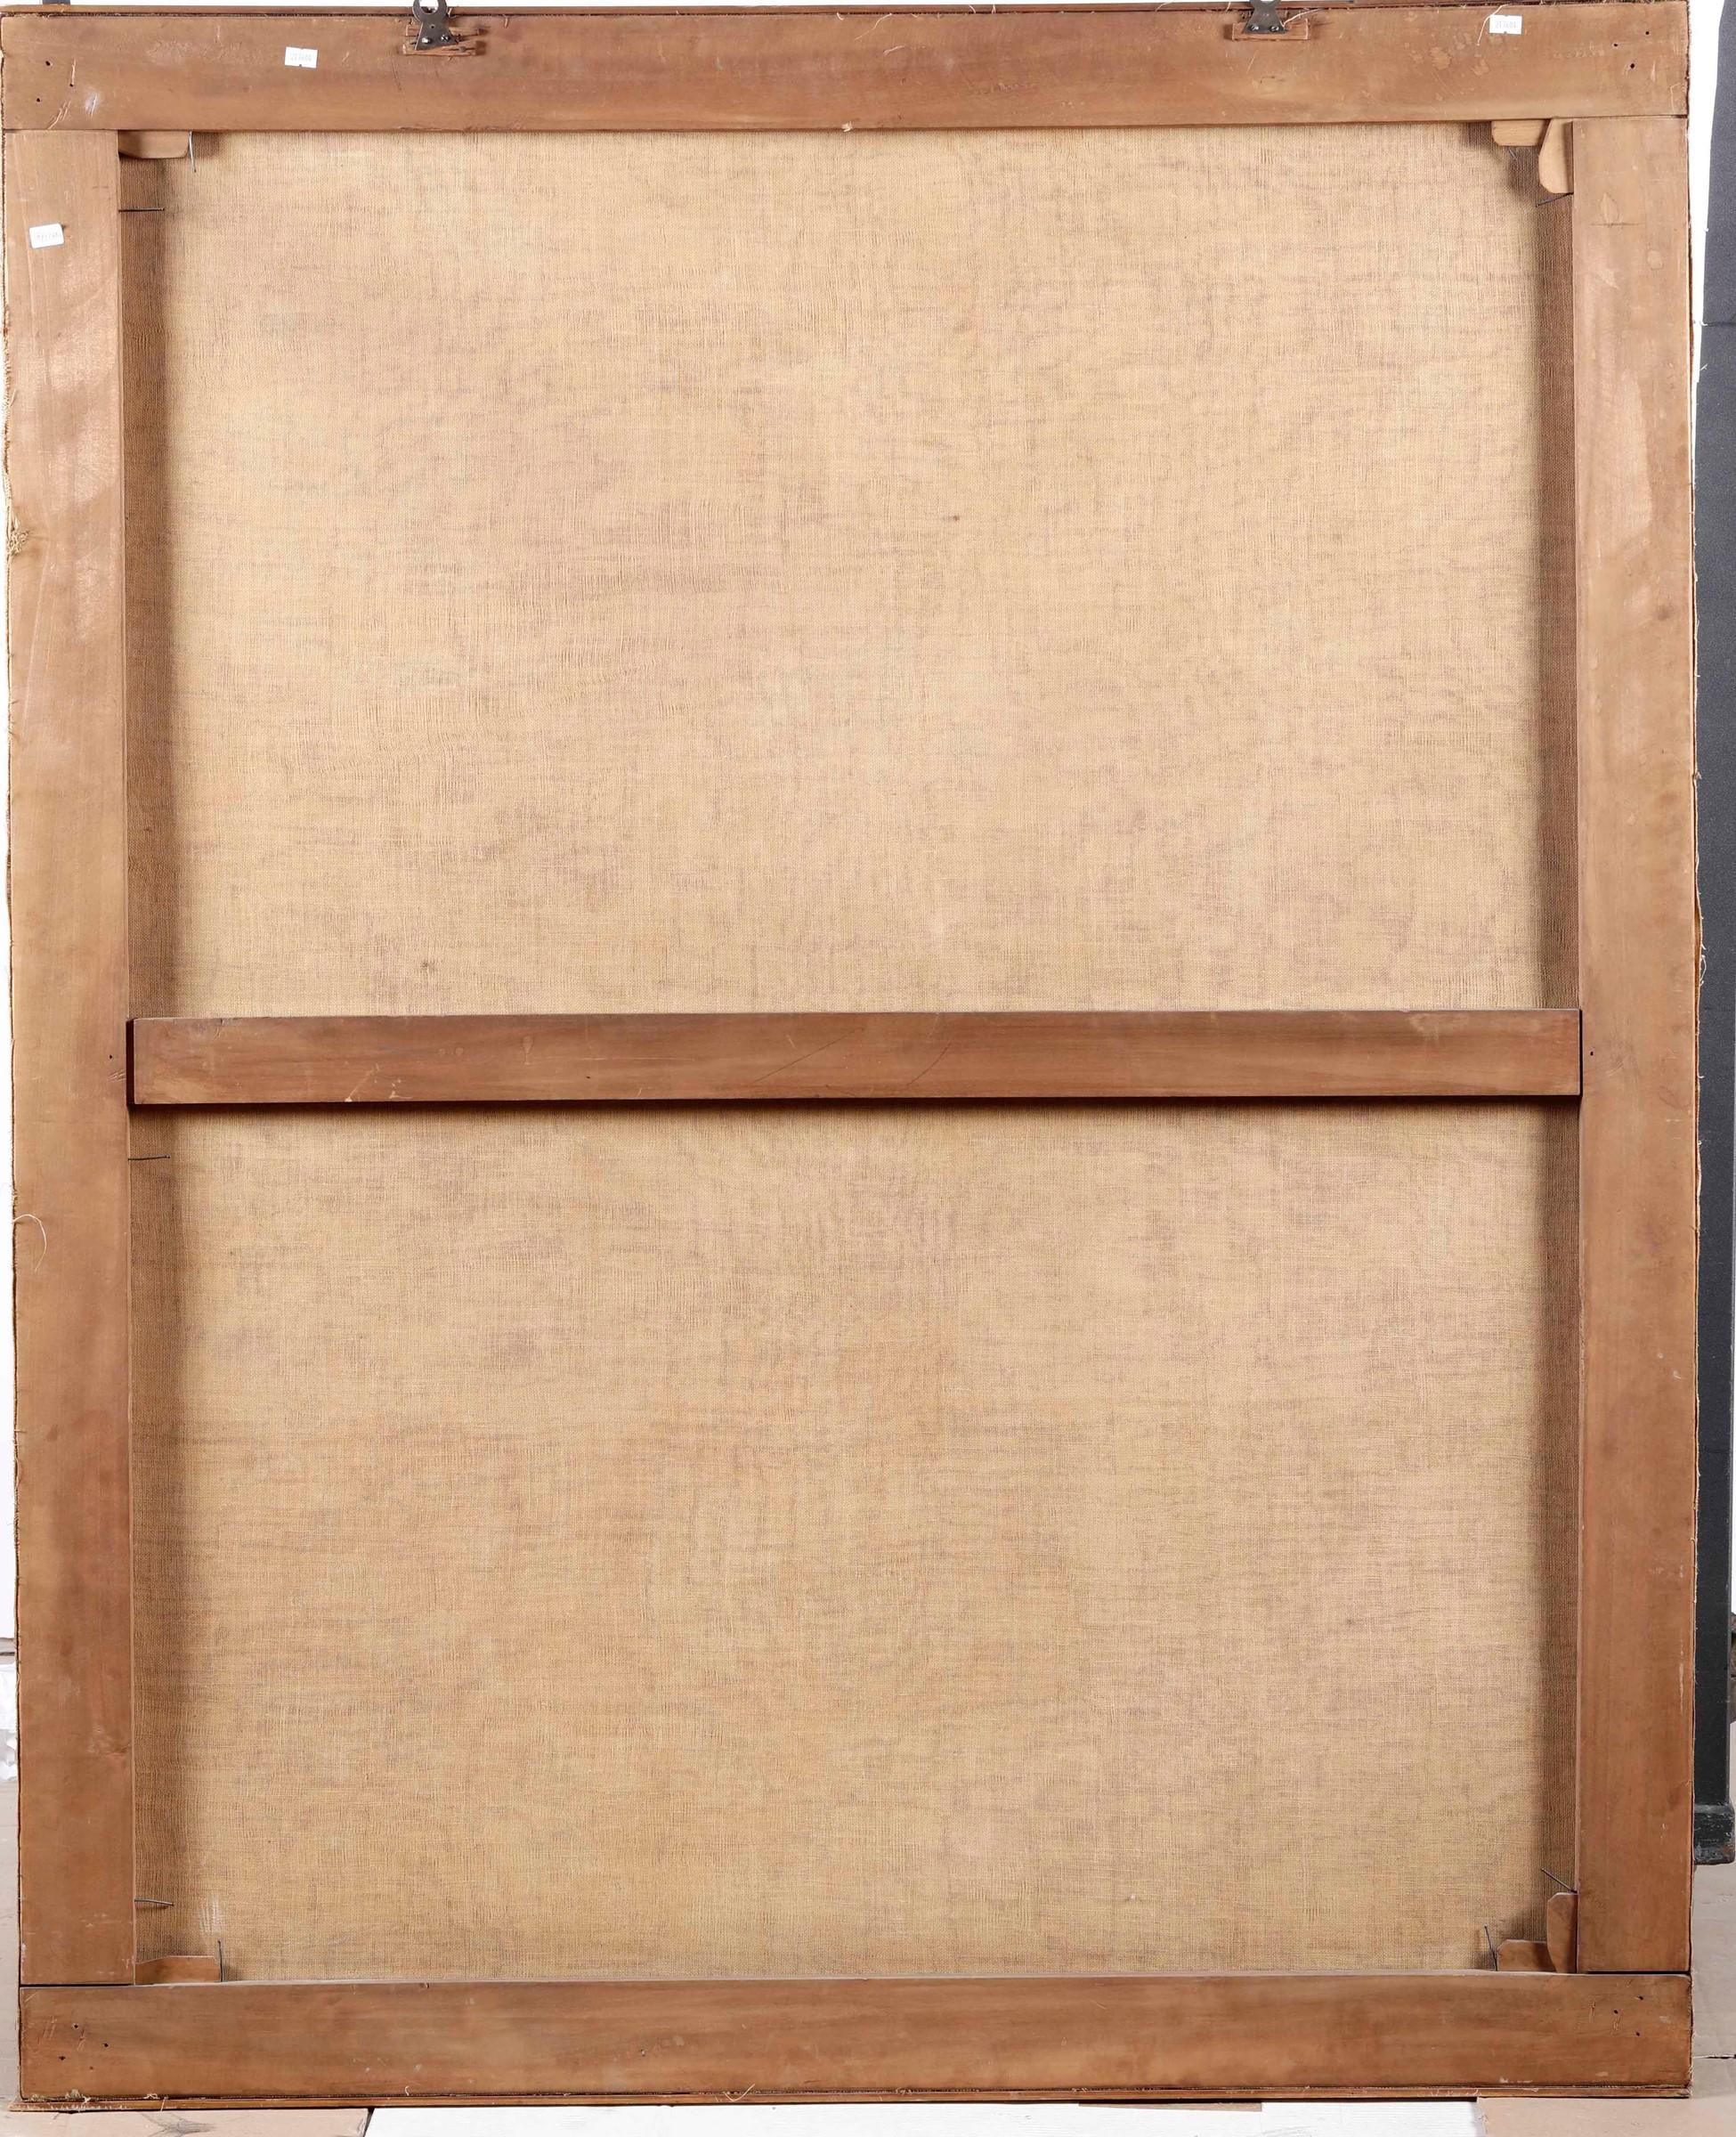 Scuola italiana del XVII secolo, Episodio della Gerusalemme liberata - olio su tela, [...] - Image 2 of 2